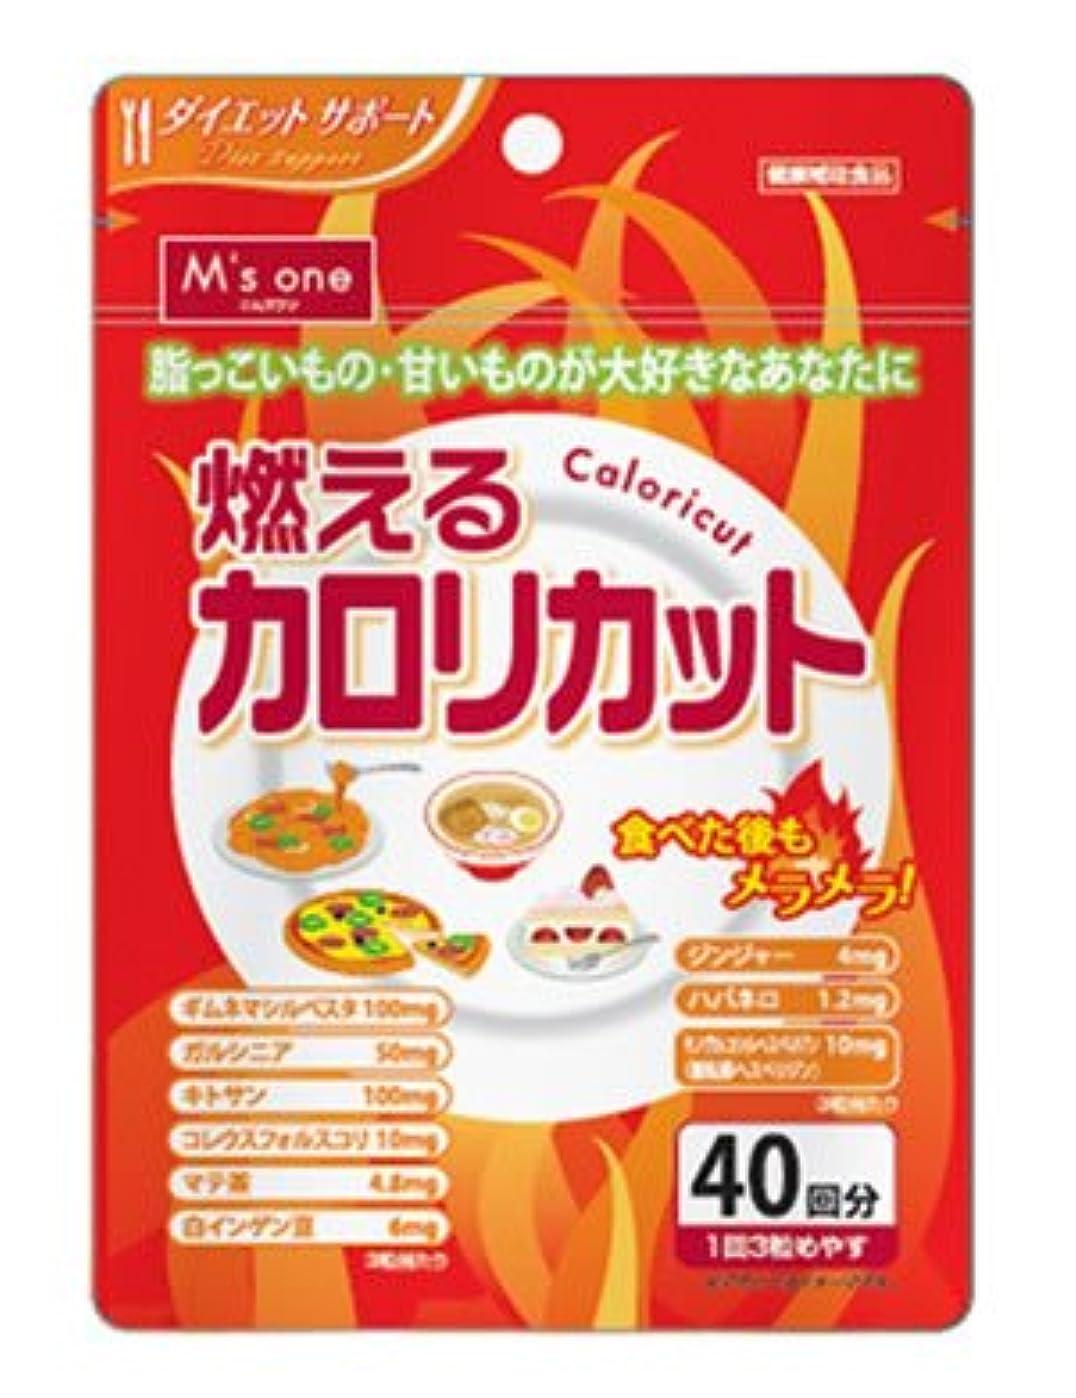 違反する栄光のスケジュールエムズワン 燃えるカロリカット ダイエットサポート サプリメント 健康補助食品 (40回分)